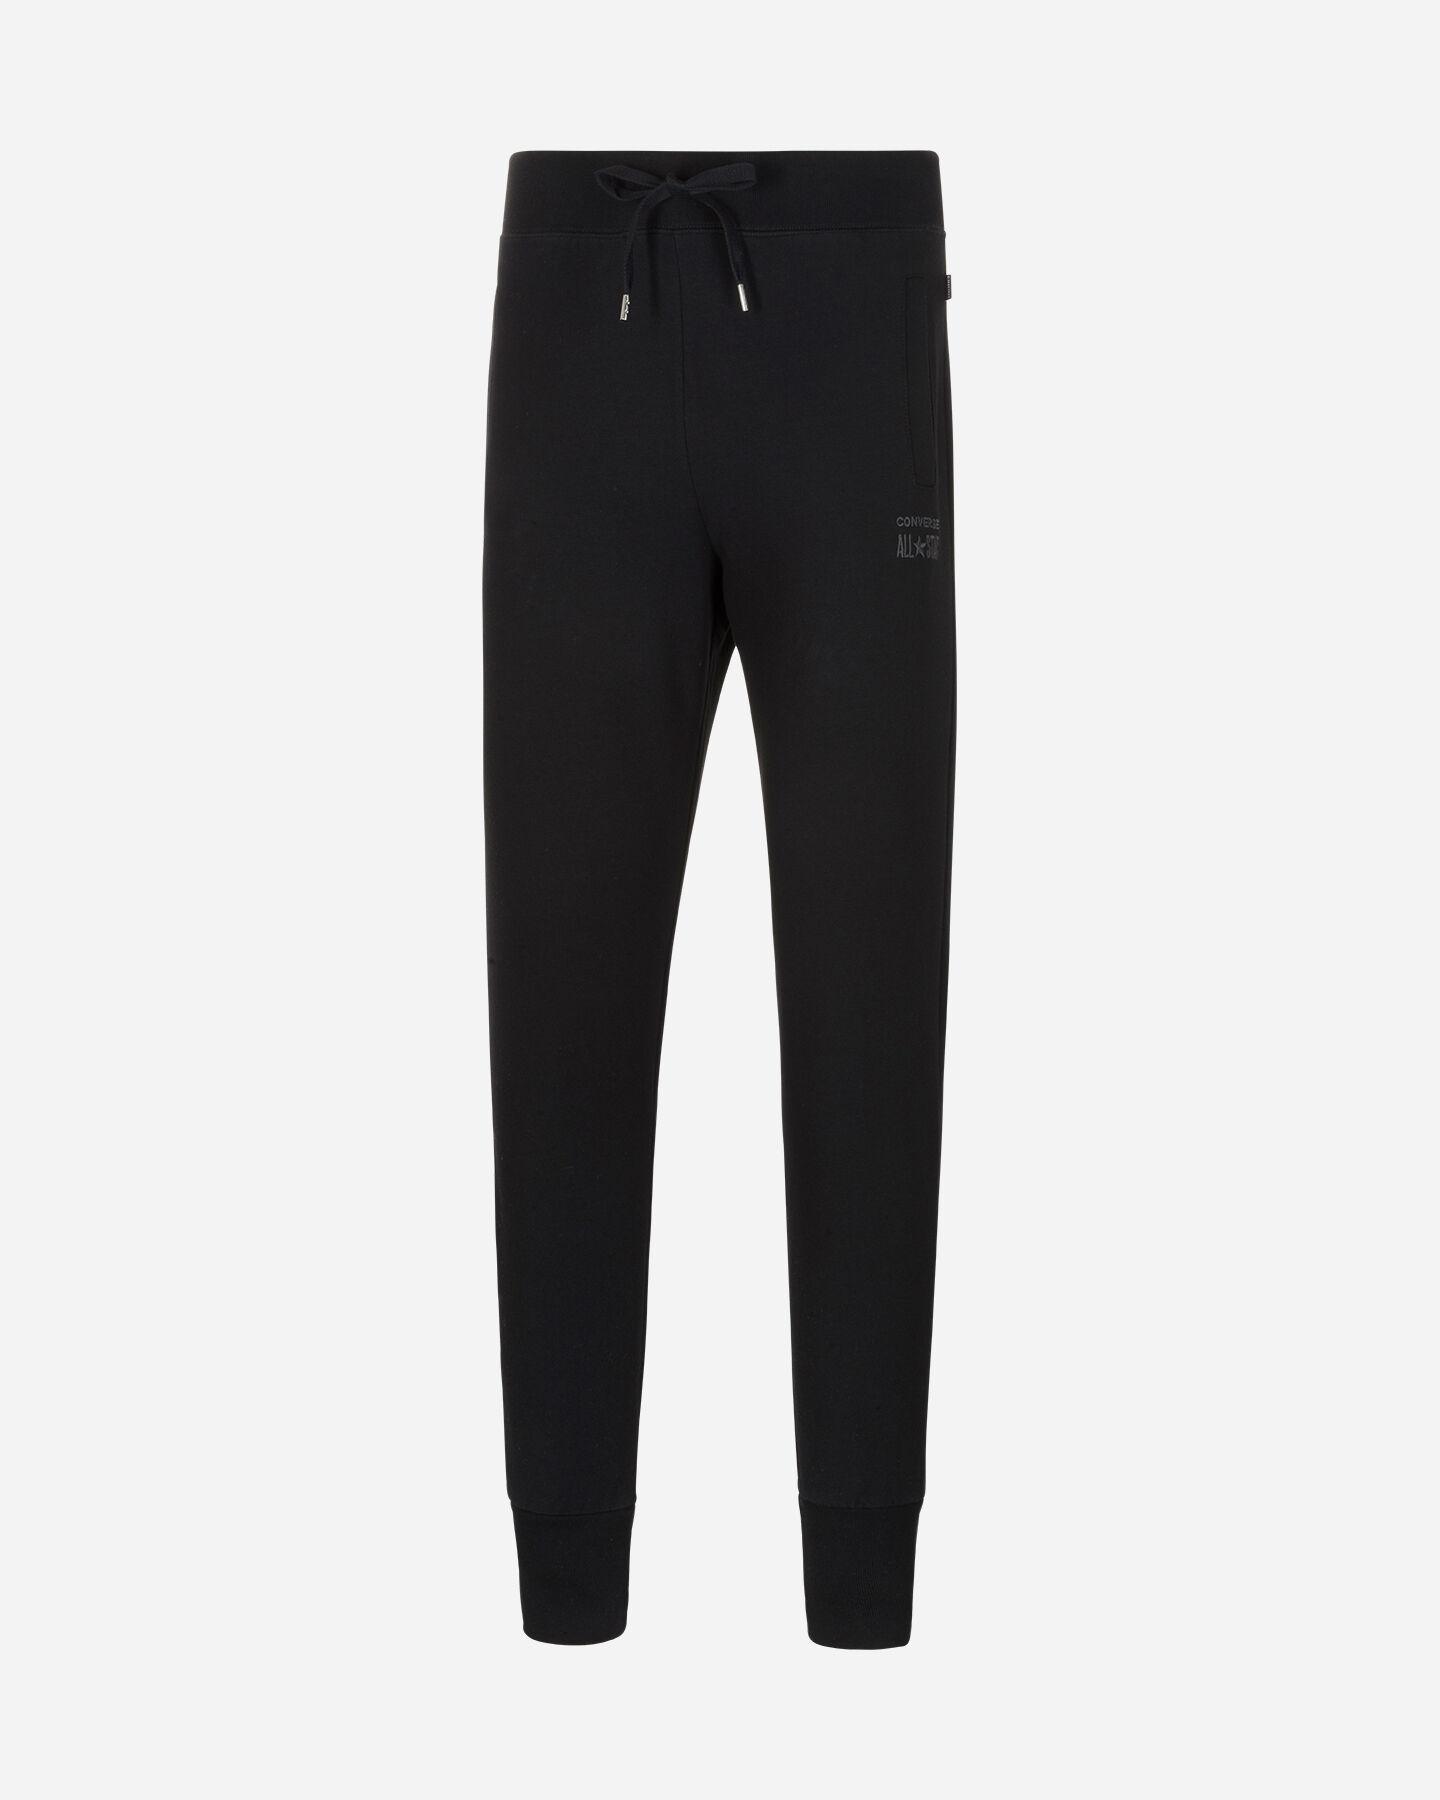 Pantalone CONVERSE SLIM FIT M S5244037 scatto 0